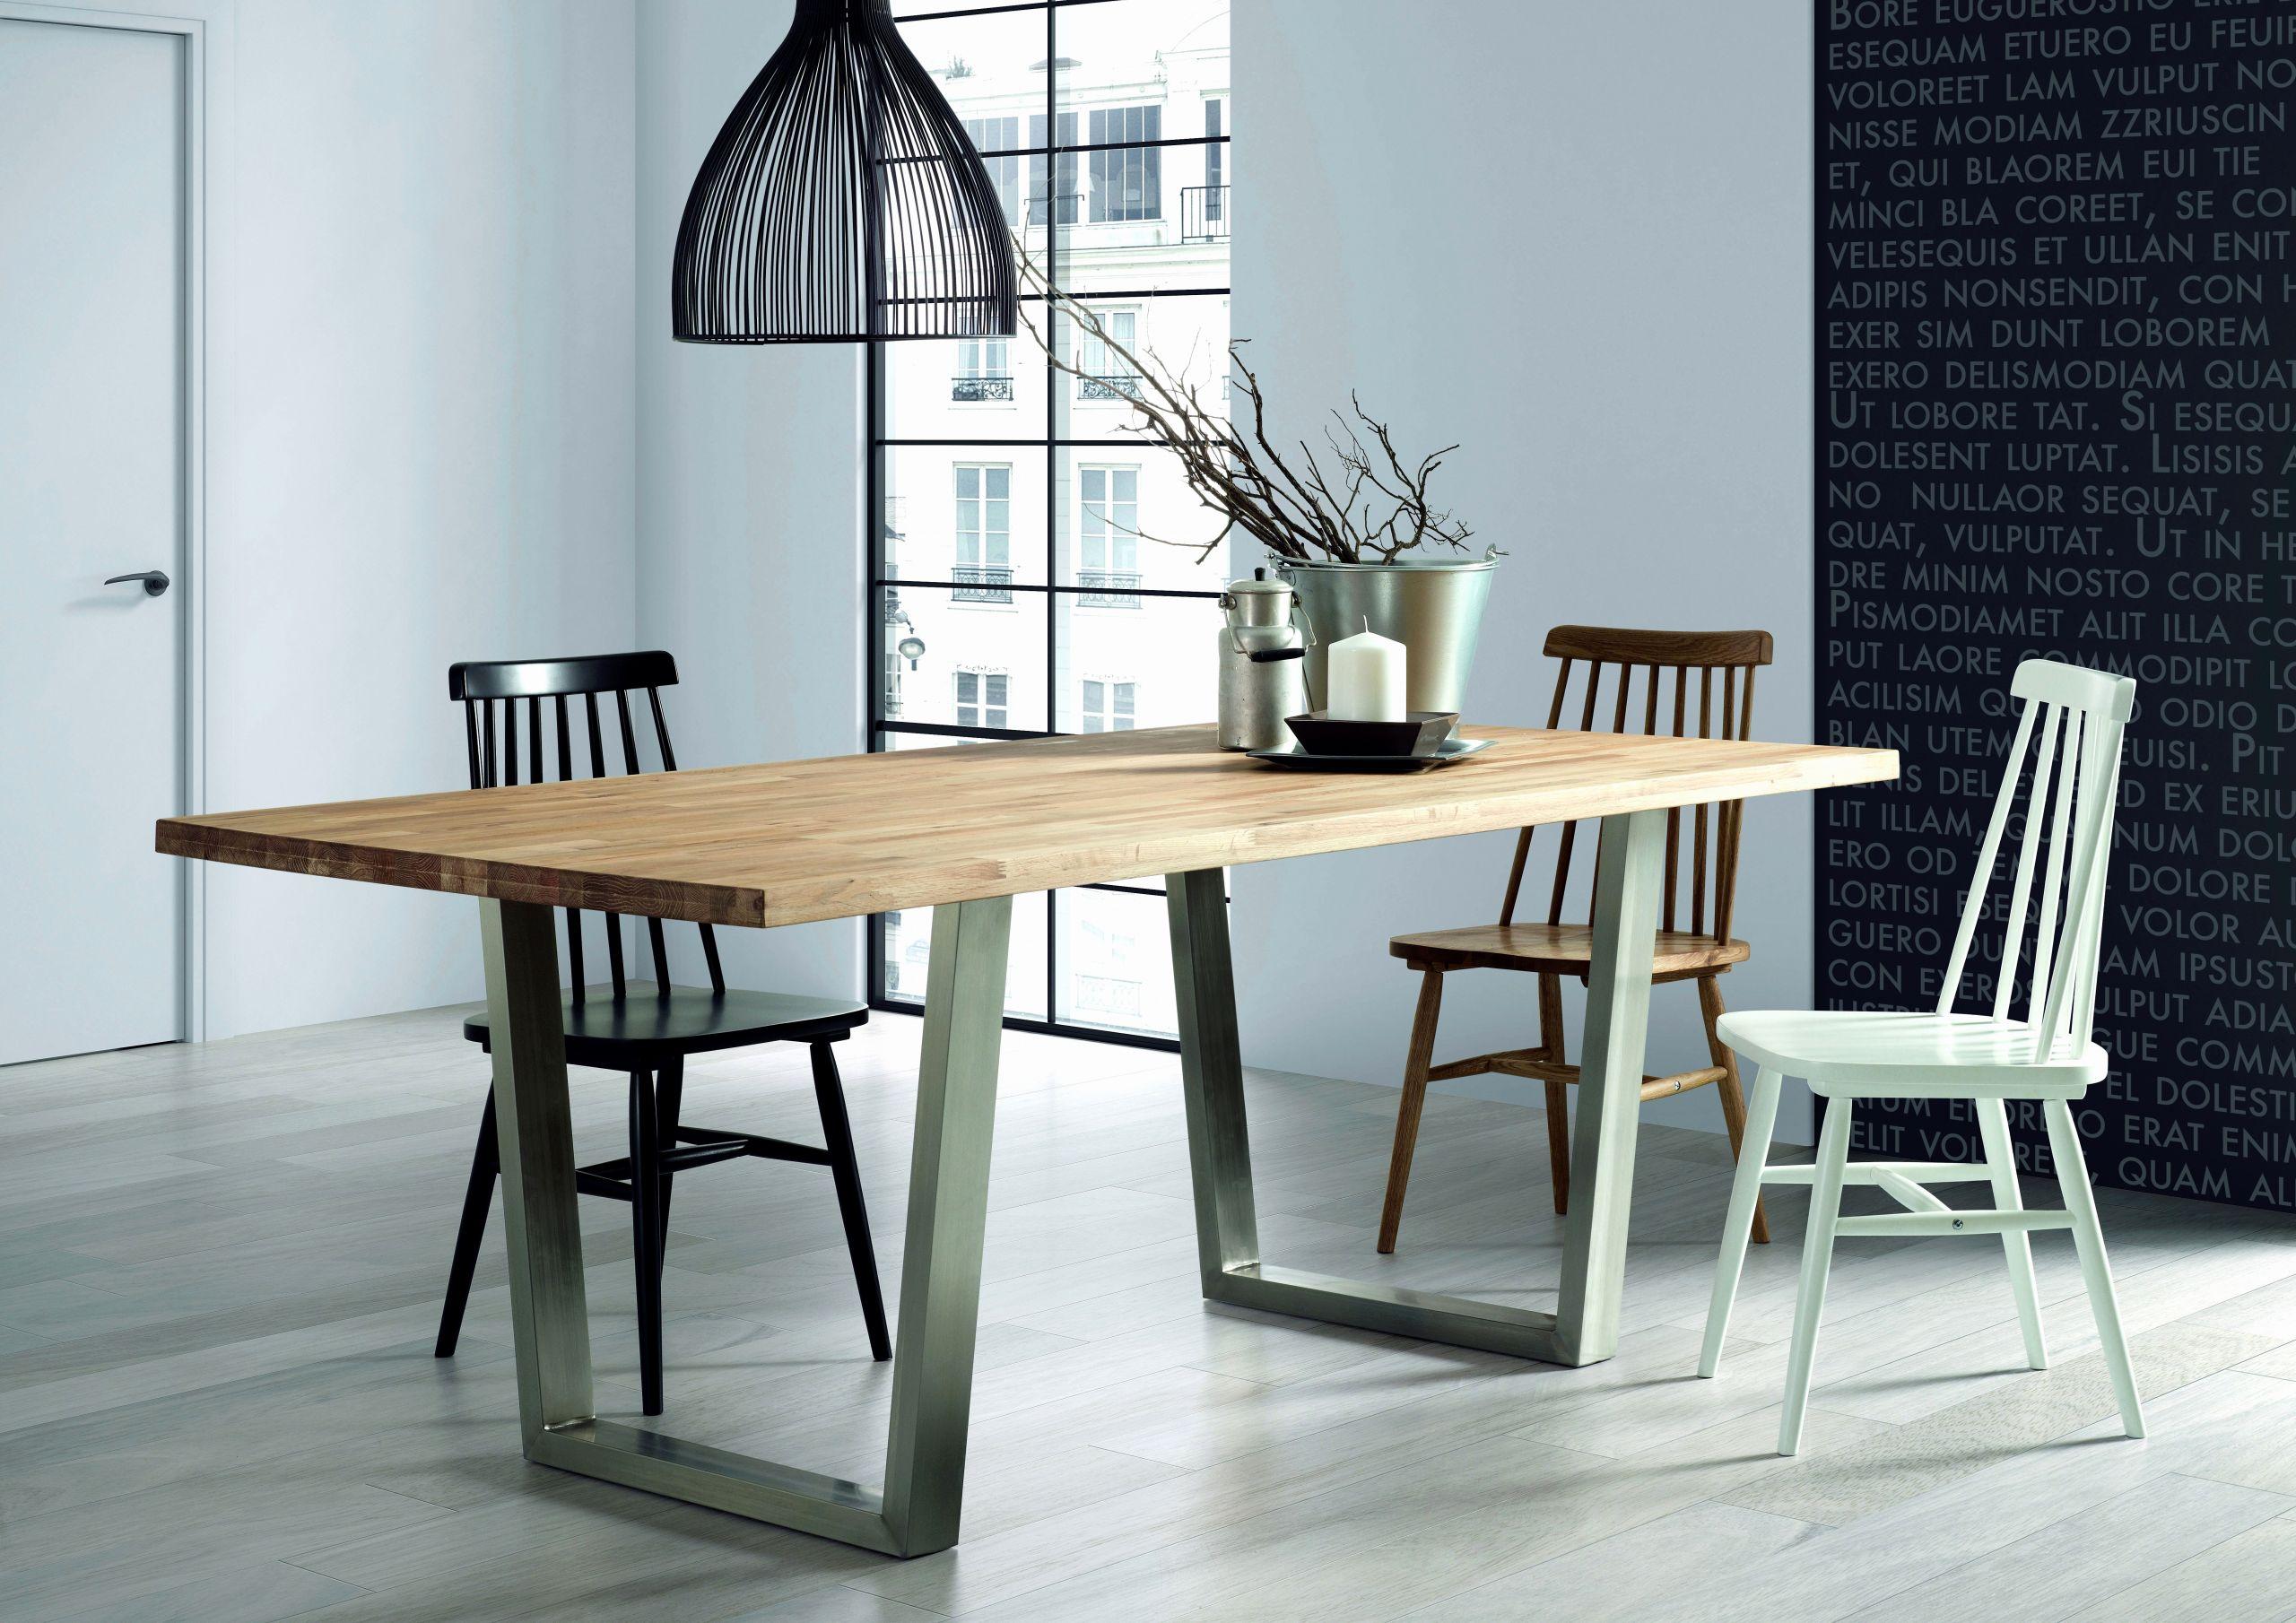 chaise c discount frais cdiscount meuble de jardin meilleur de cdiscount mobilier de of chaise c discount